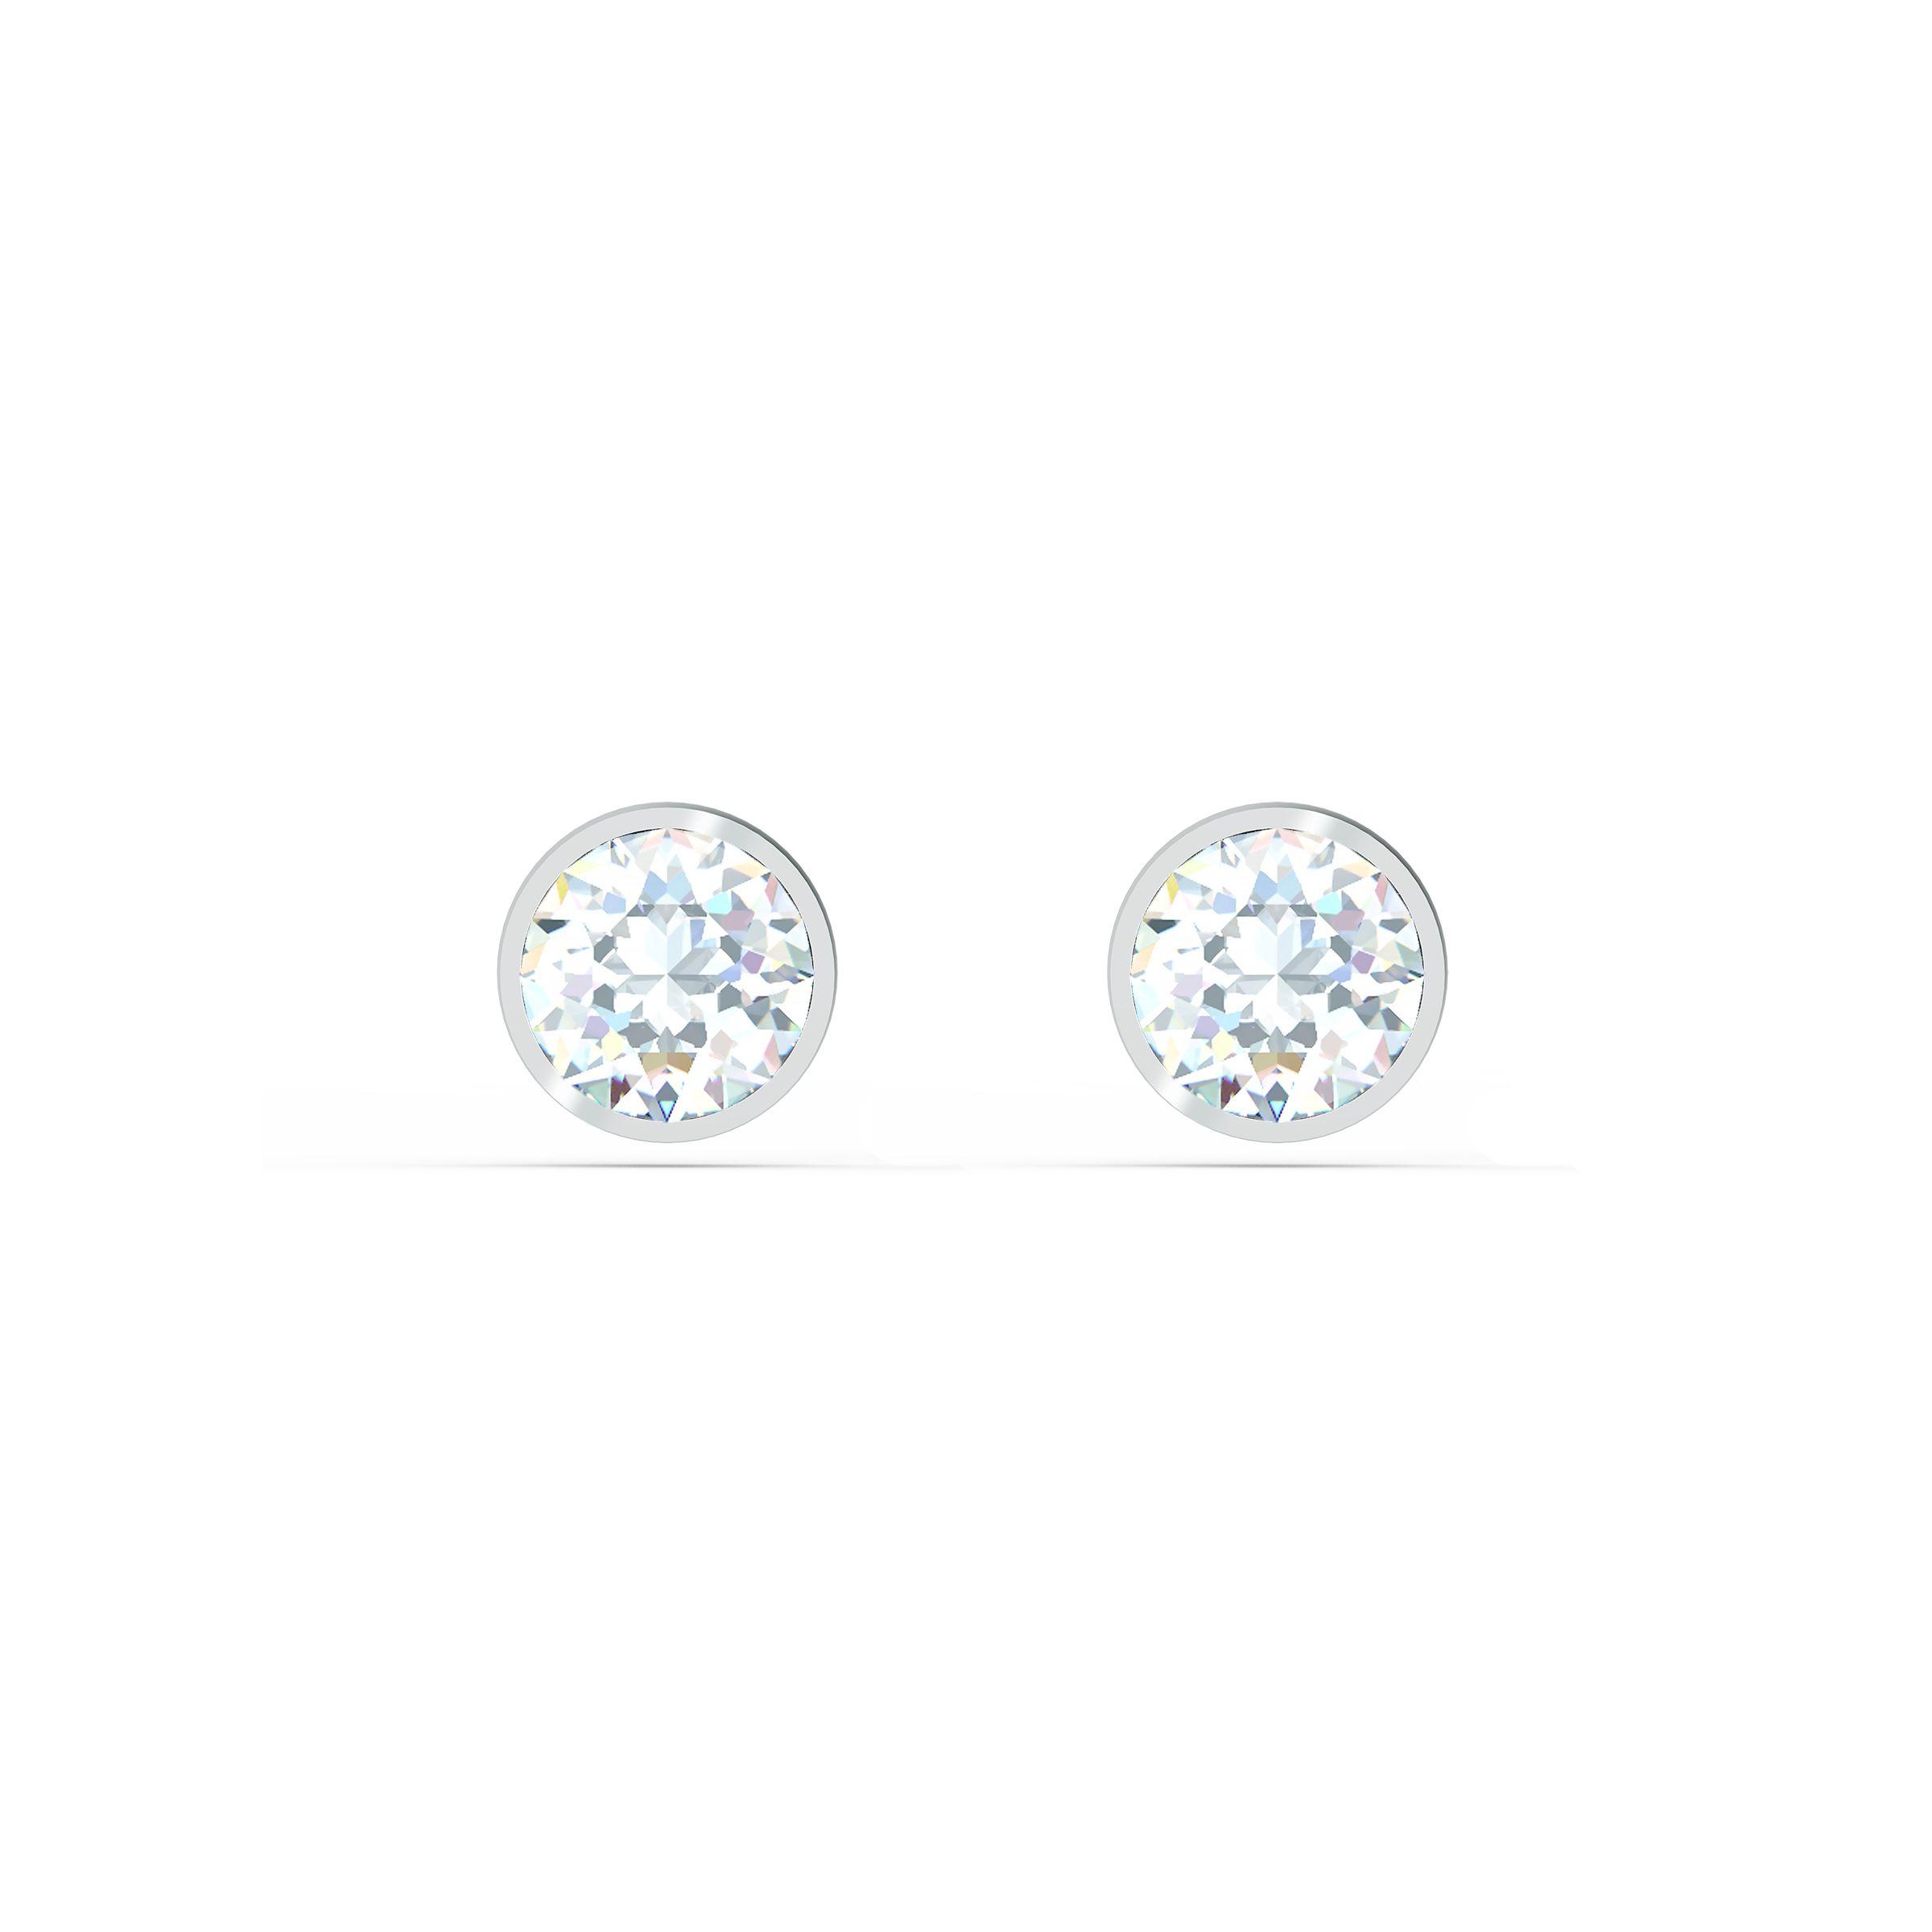 Boucles d'oreilles clous Tennis, blanc, métal rhodié, Swarovski